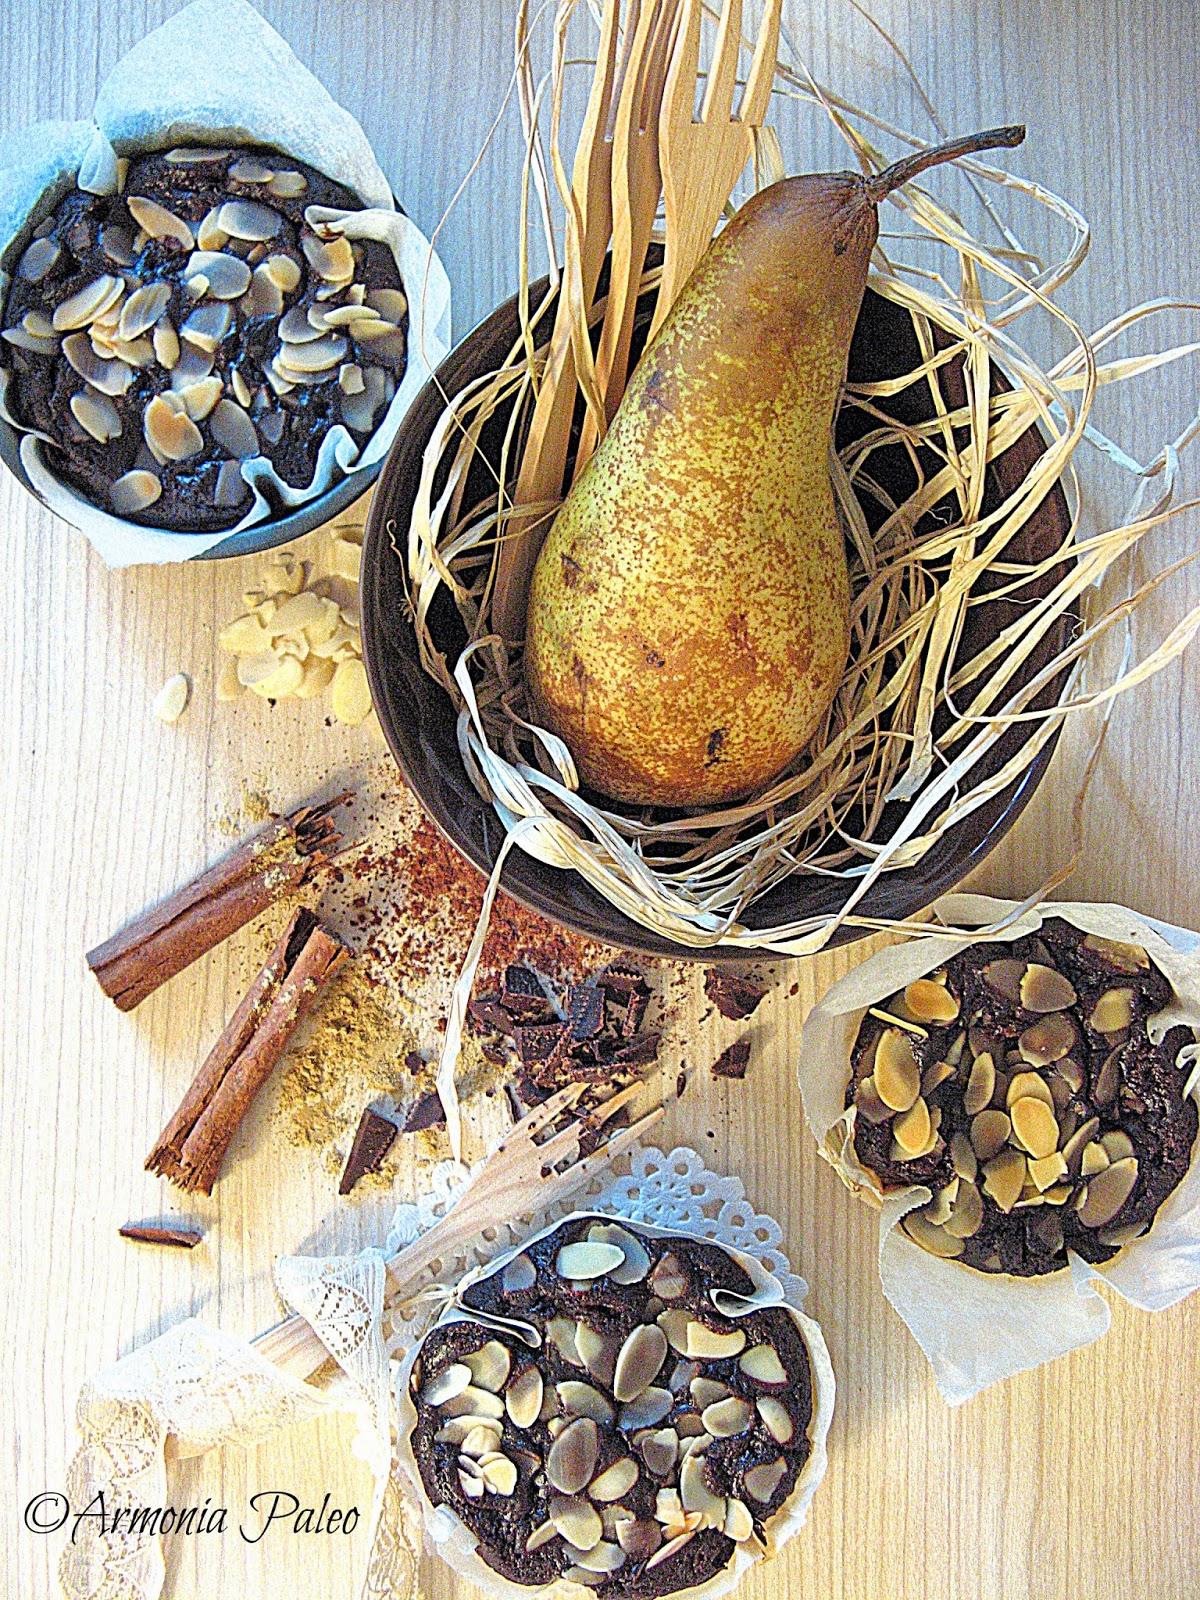 Tenerezze Cioccolato e Pere di Armonia Paleo